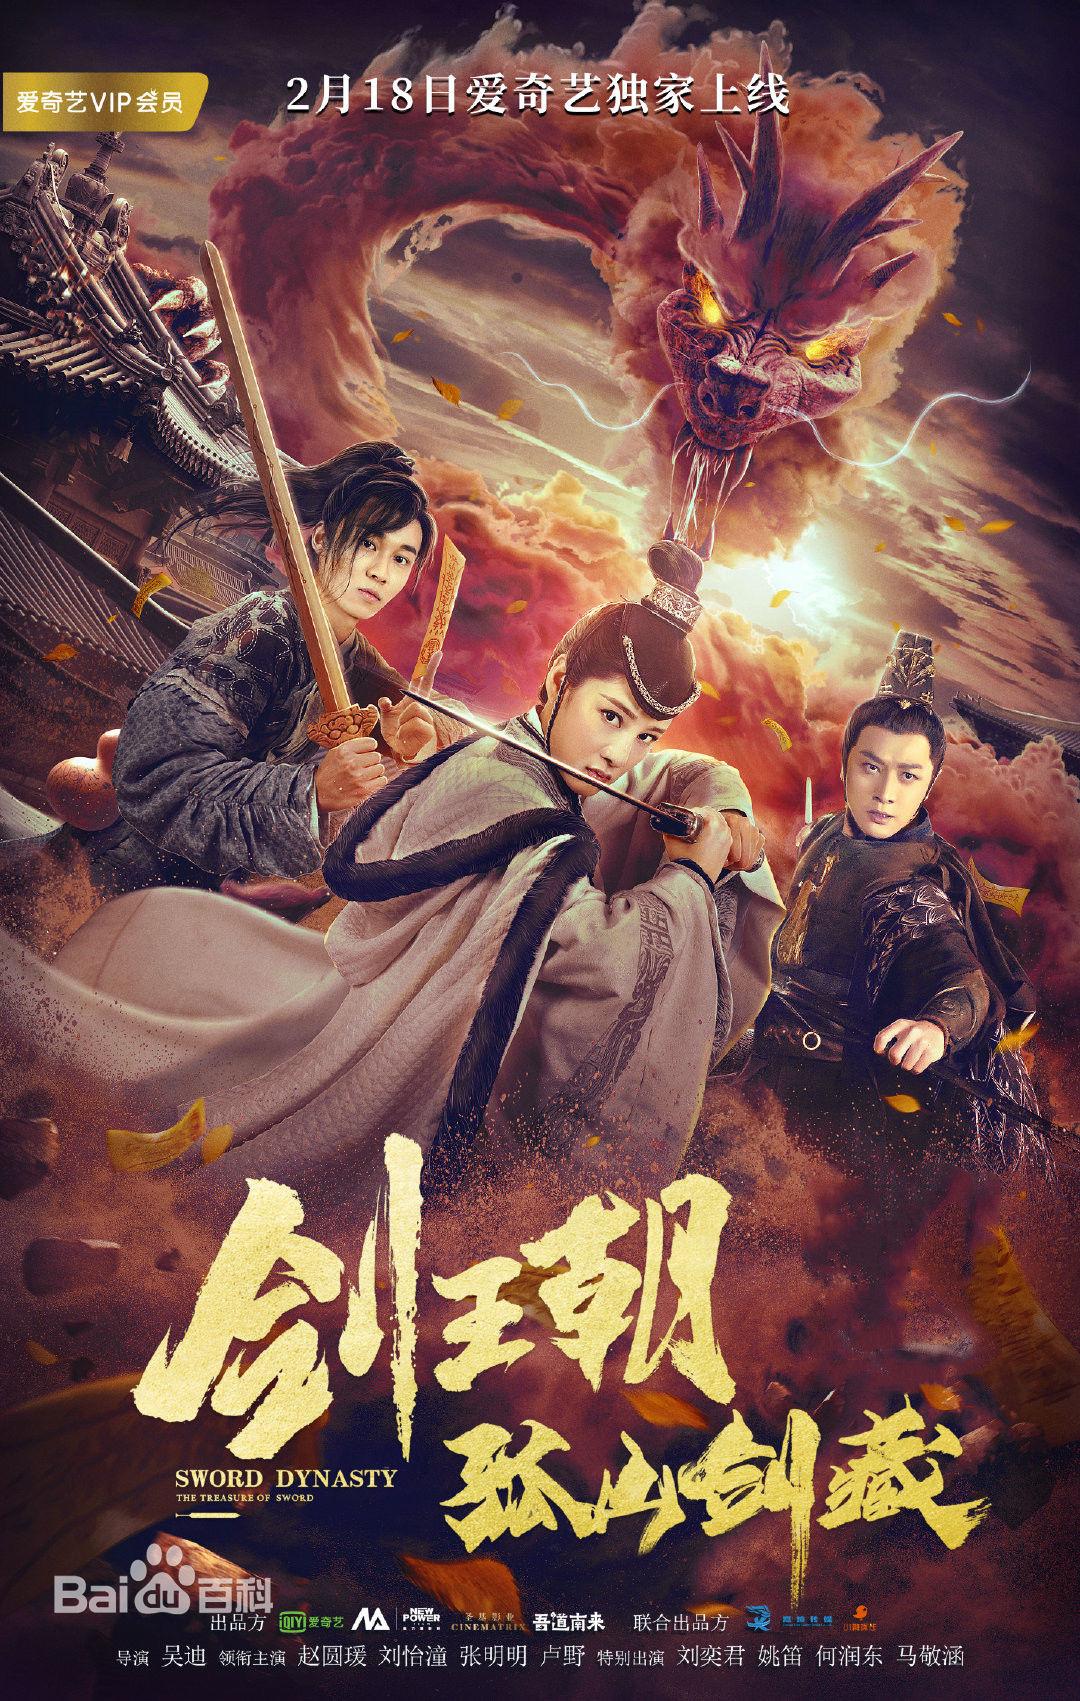 剑王朝之孤山剑藏海报